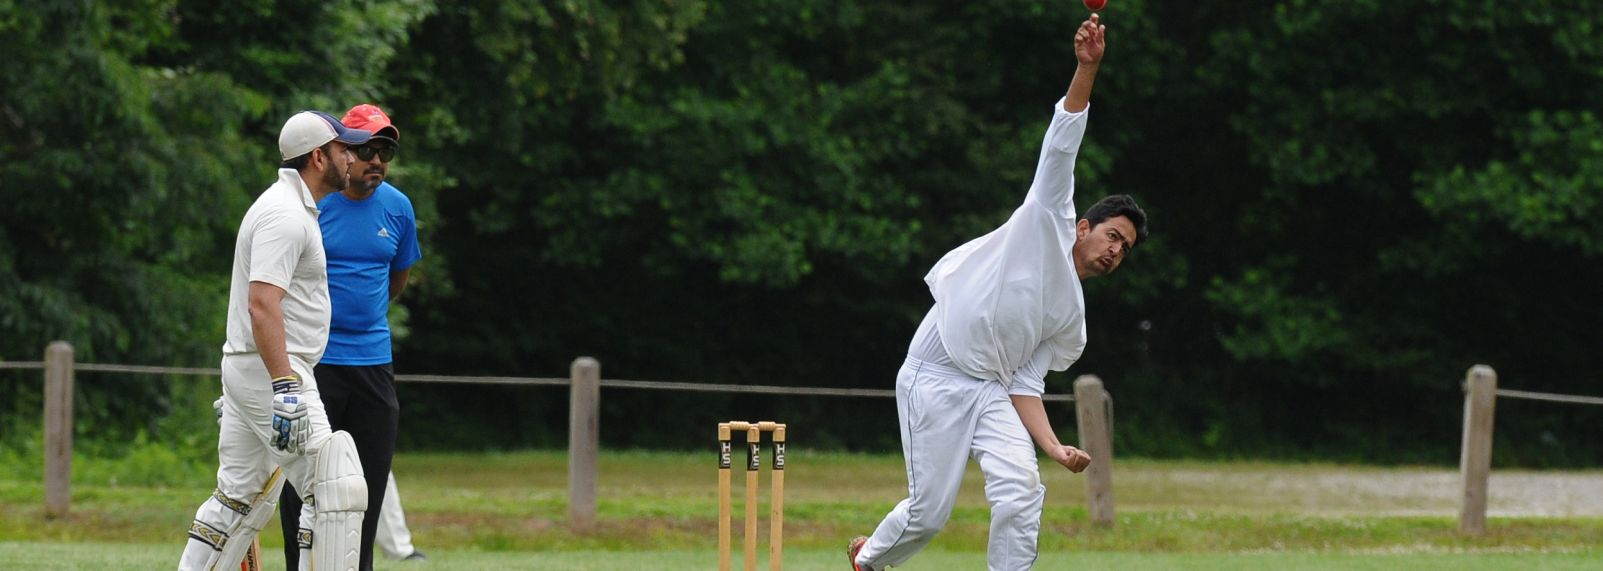 Cricket 02-213.jpg